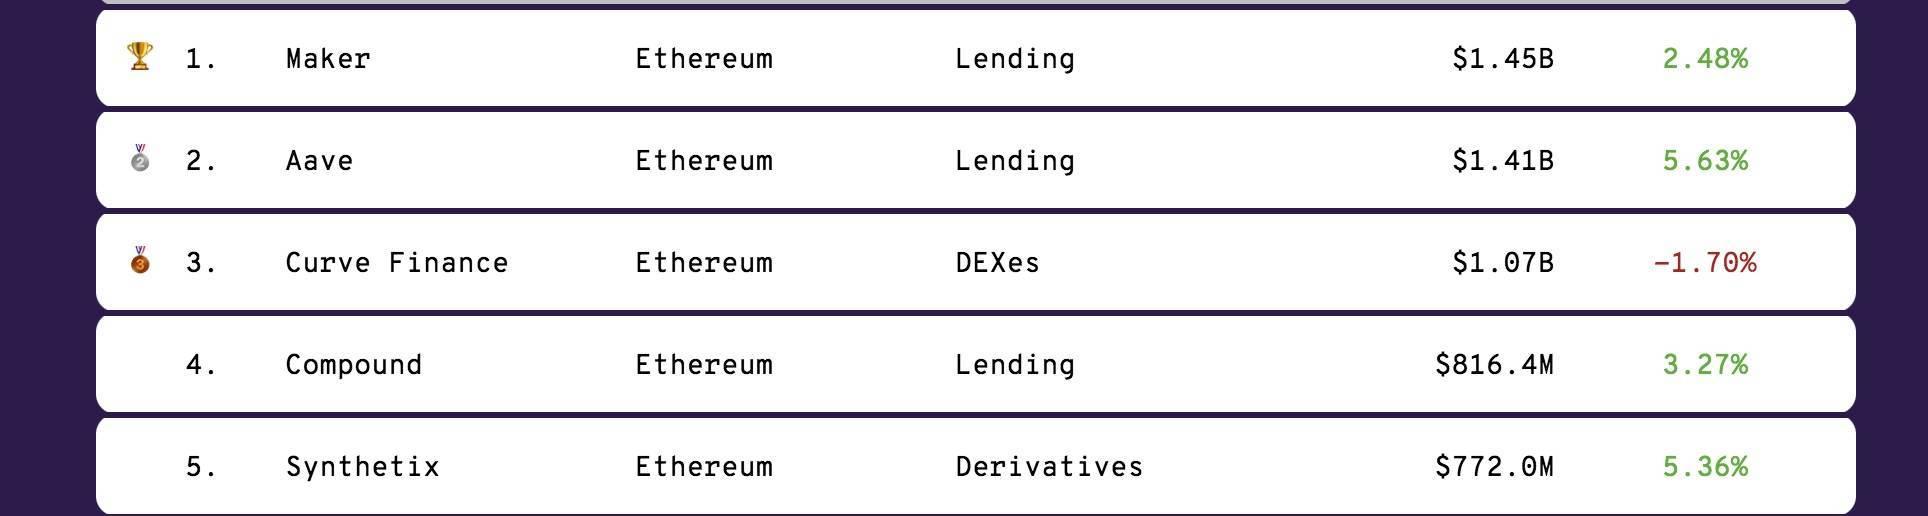 币世界-DeFi借贷协议Aave市值一夜跳涨3亿美元,原因竟是这个